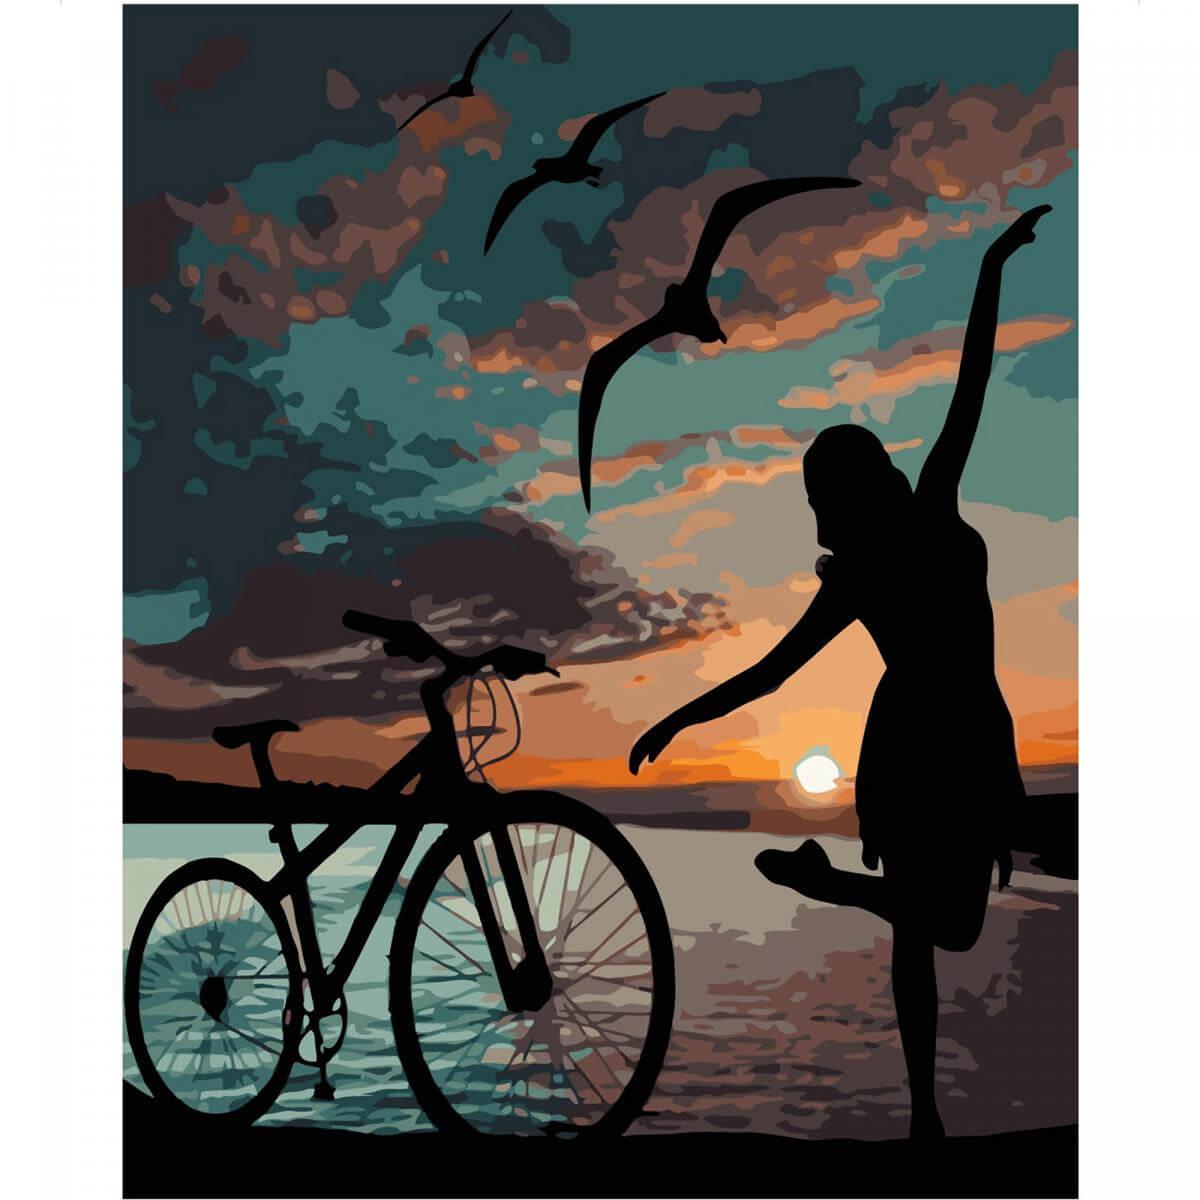 Картина по номерам Strateg «Ночная велопрогулка» 40-50 см VA-1837 Strateg (VA-1837)